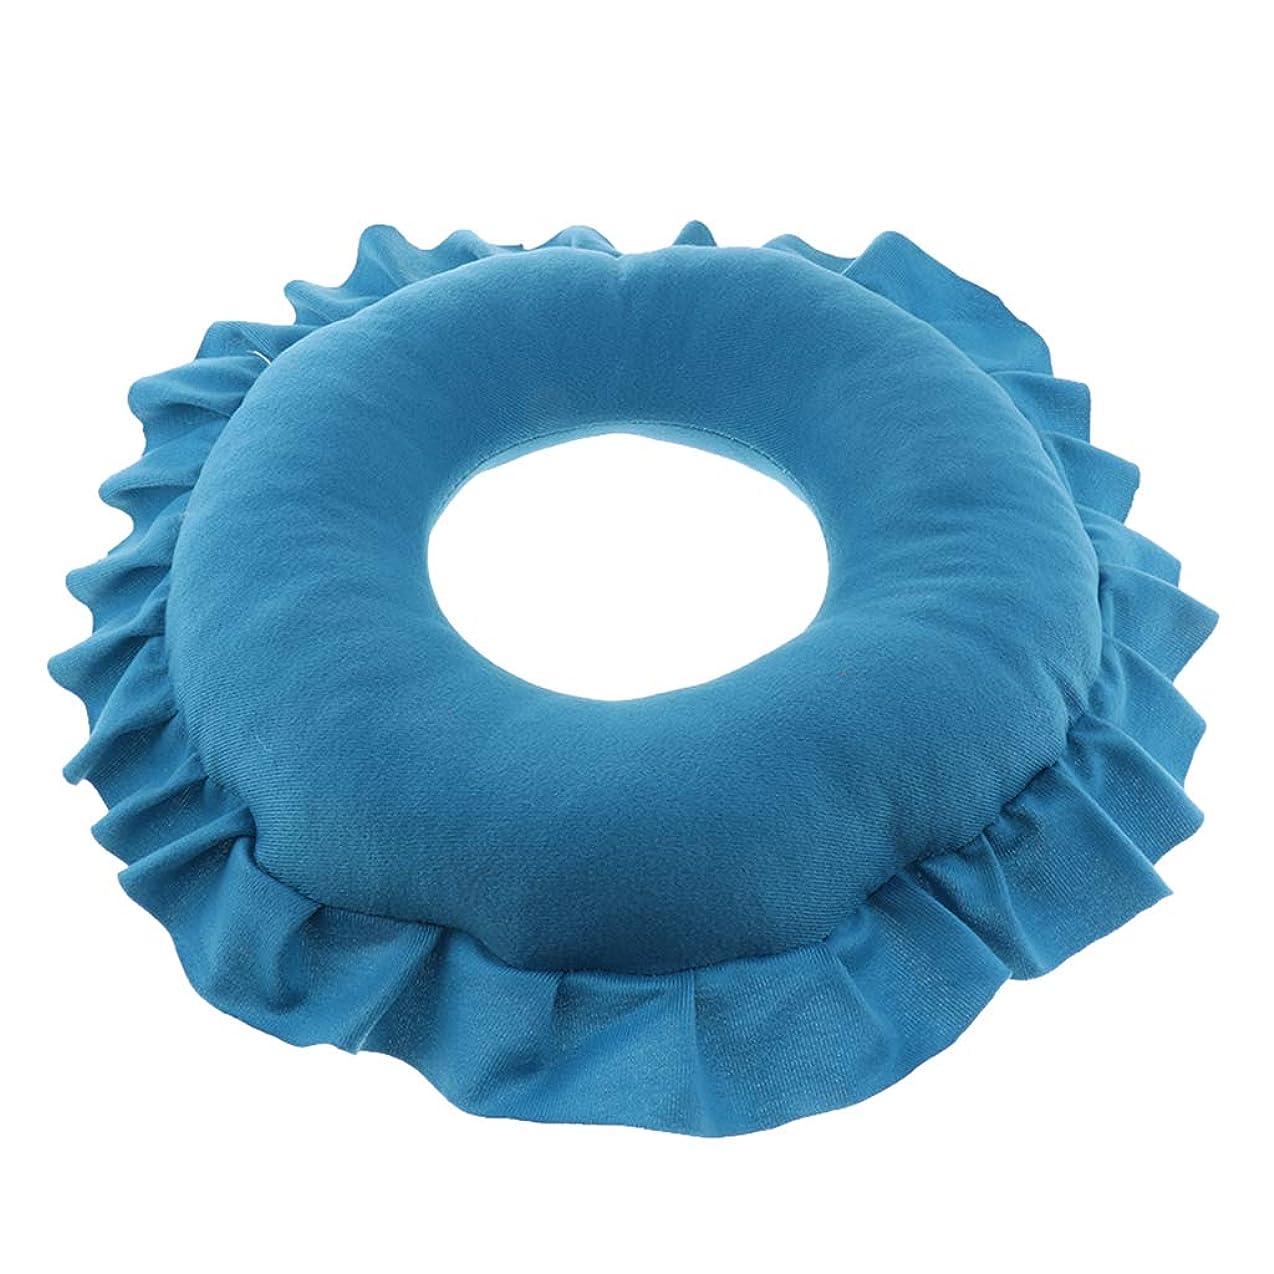 トーストつかいますお金ゴムP Prettyia 顔マク フェイスマット マッサージ枕 顔枕 ラウンド 直径30cm 洗える 柔らかい 快適 全4色 - 青